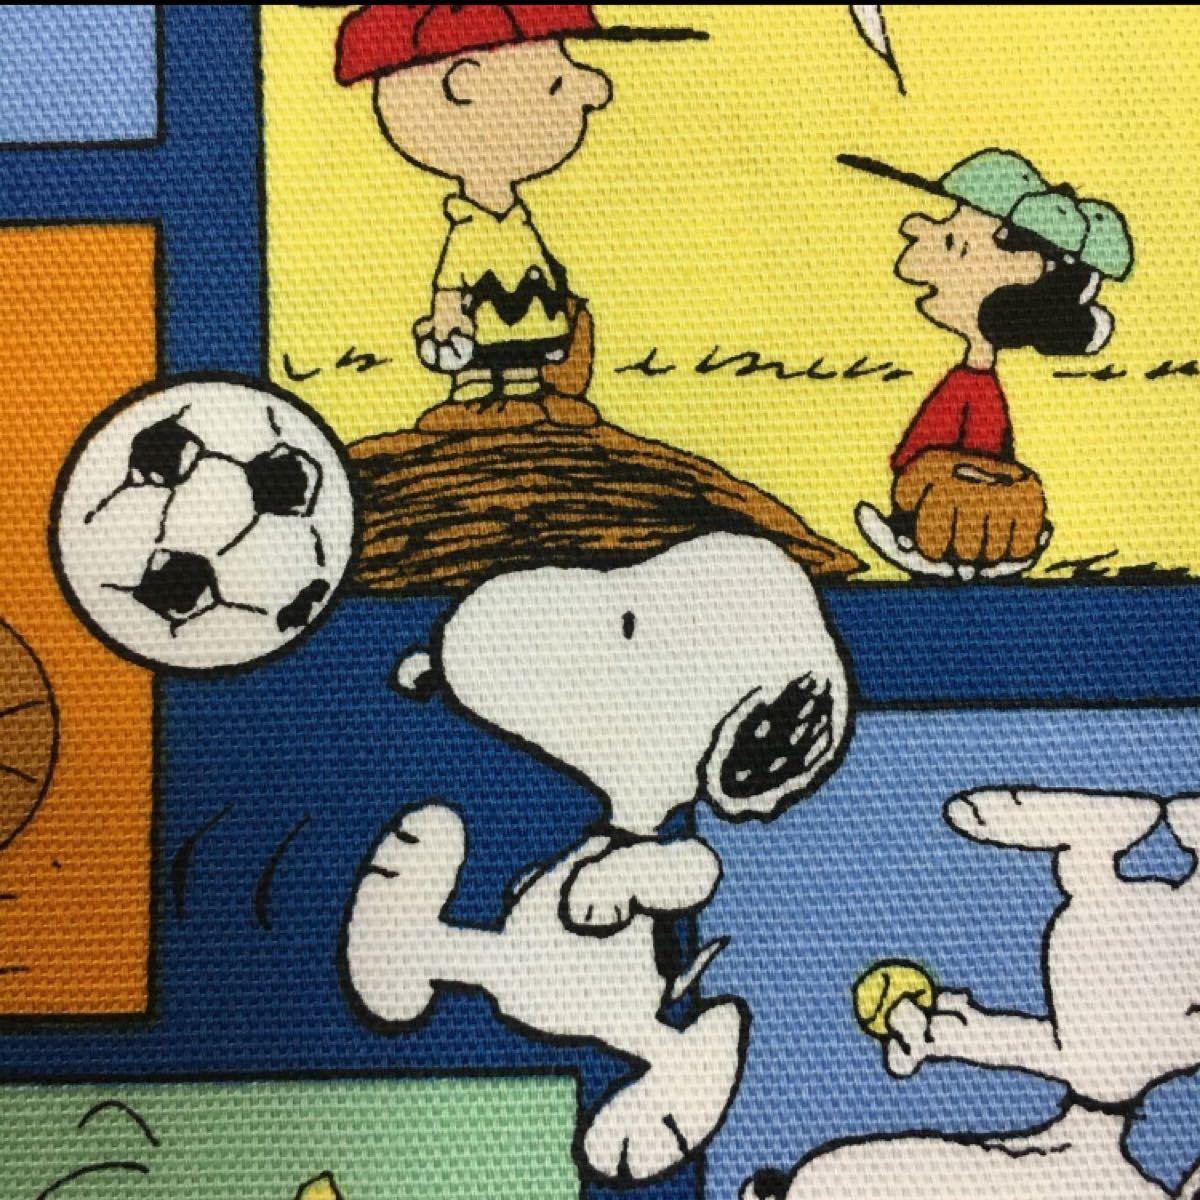 綿オックス:スヌーピー :スポーツ:生地幅×50:生地ハギレ